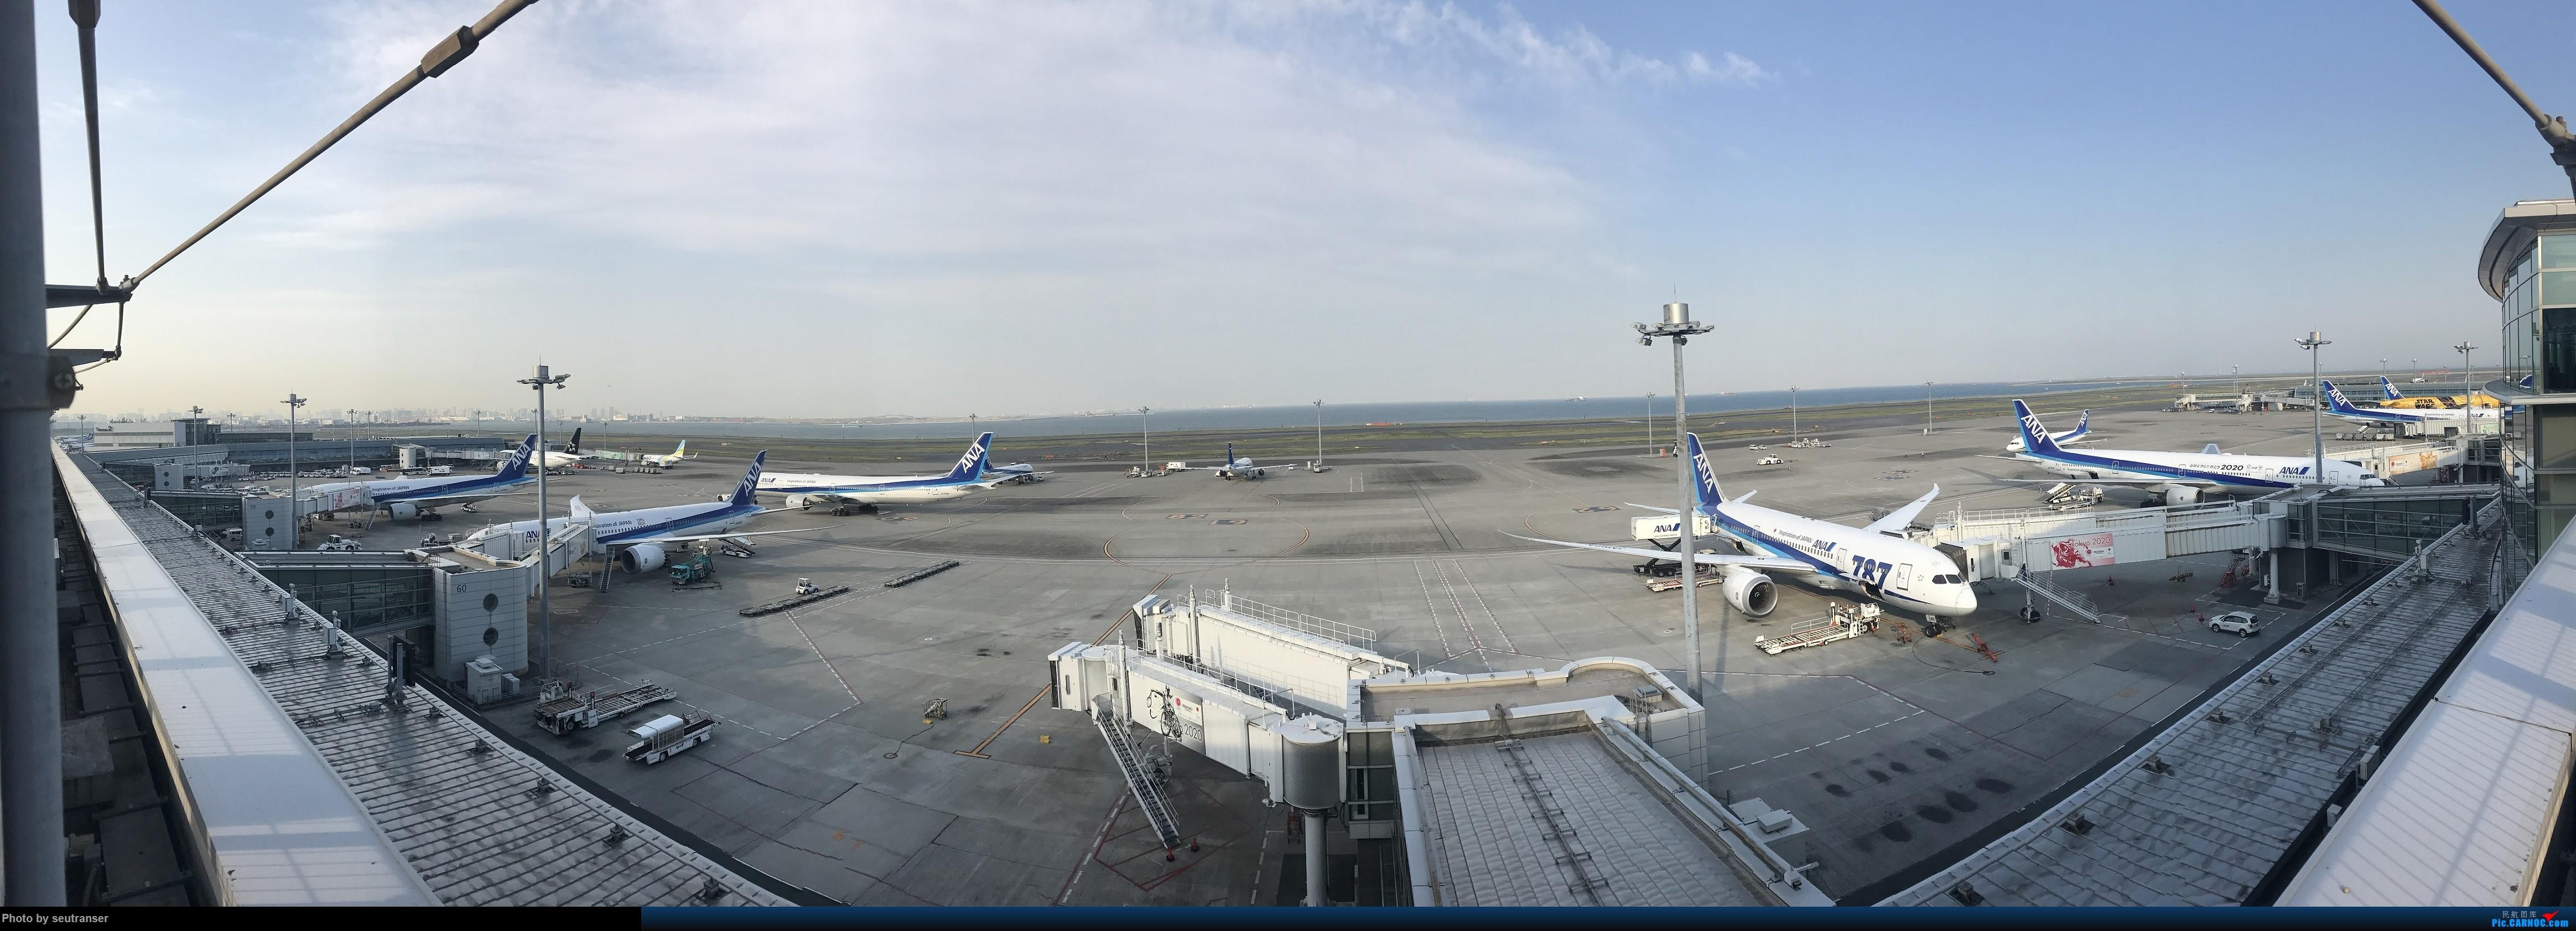 Re:[原创]迟到一年的游记,记第一次出国游—日本 东航往返+ANA国内线    日本东京羽田国际机场